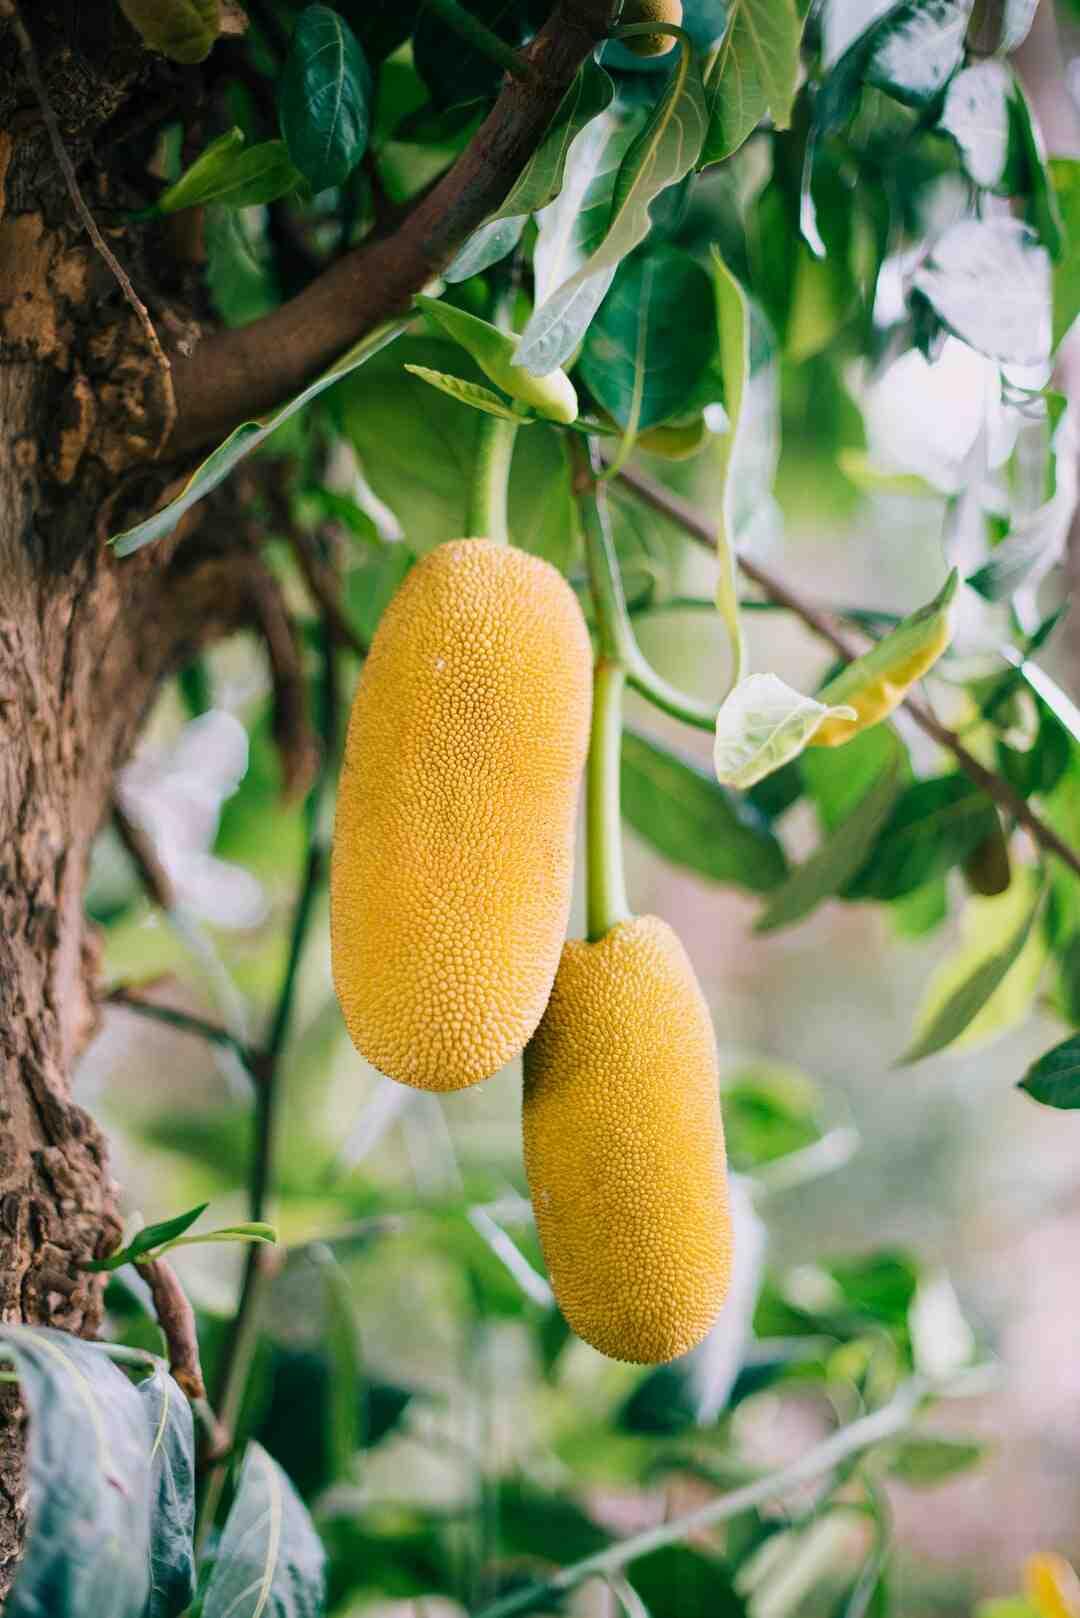 Comment manger un fruit du jacquier